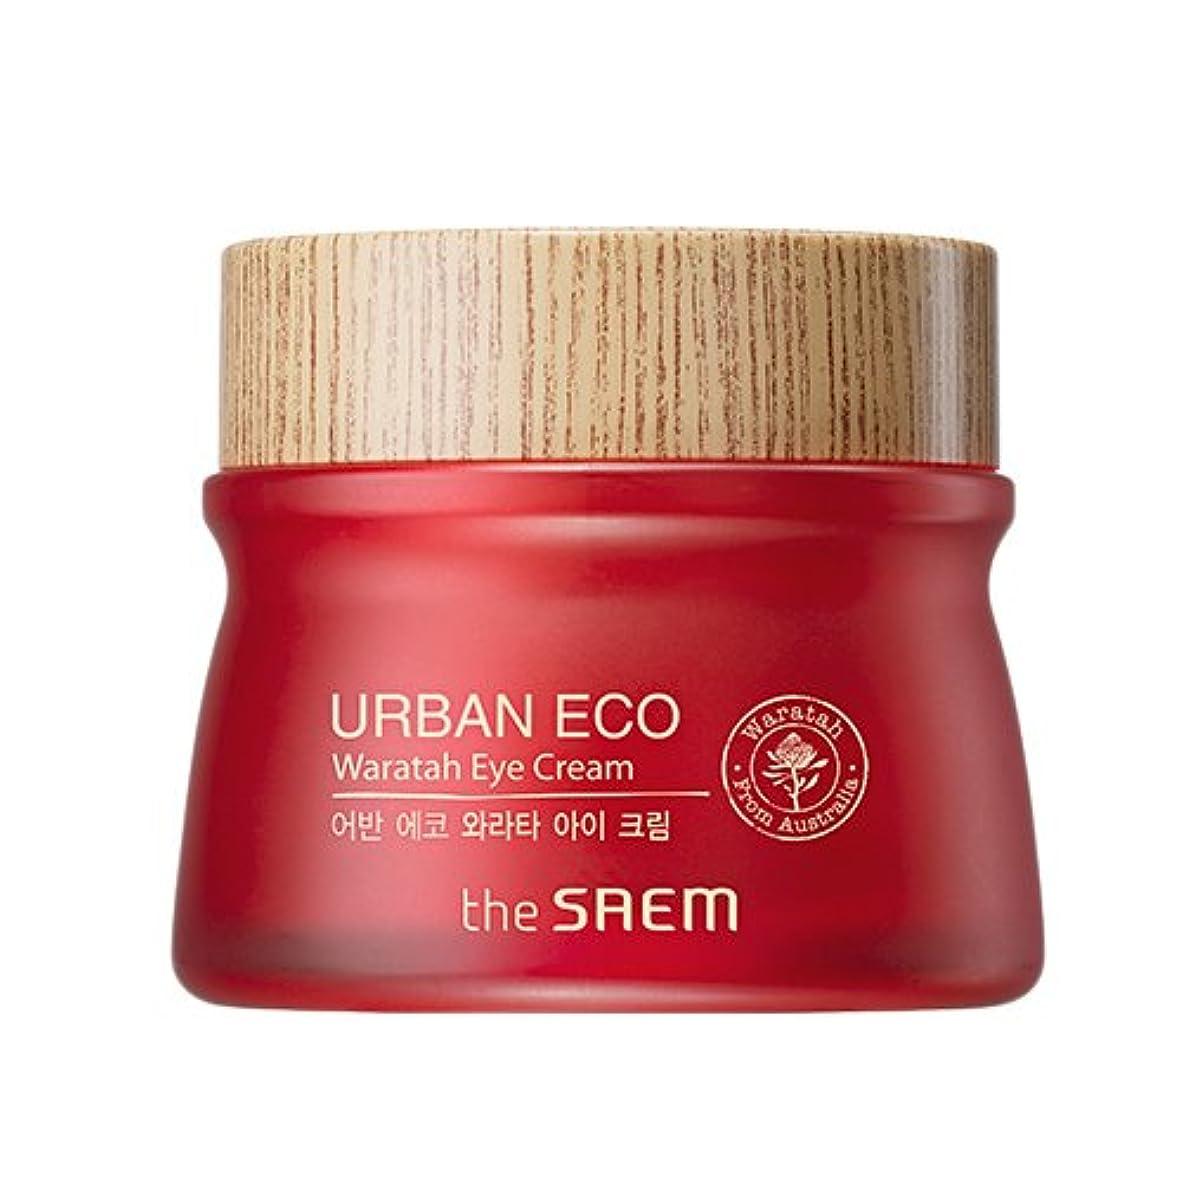 書誌本を読む懺悔ドセム アーバンエコワラターアイクリーム 30ml Urban Eco Waratah Eye Cream [並行輸入品]